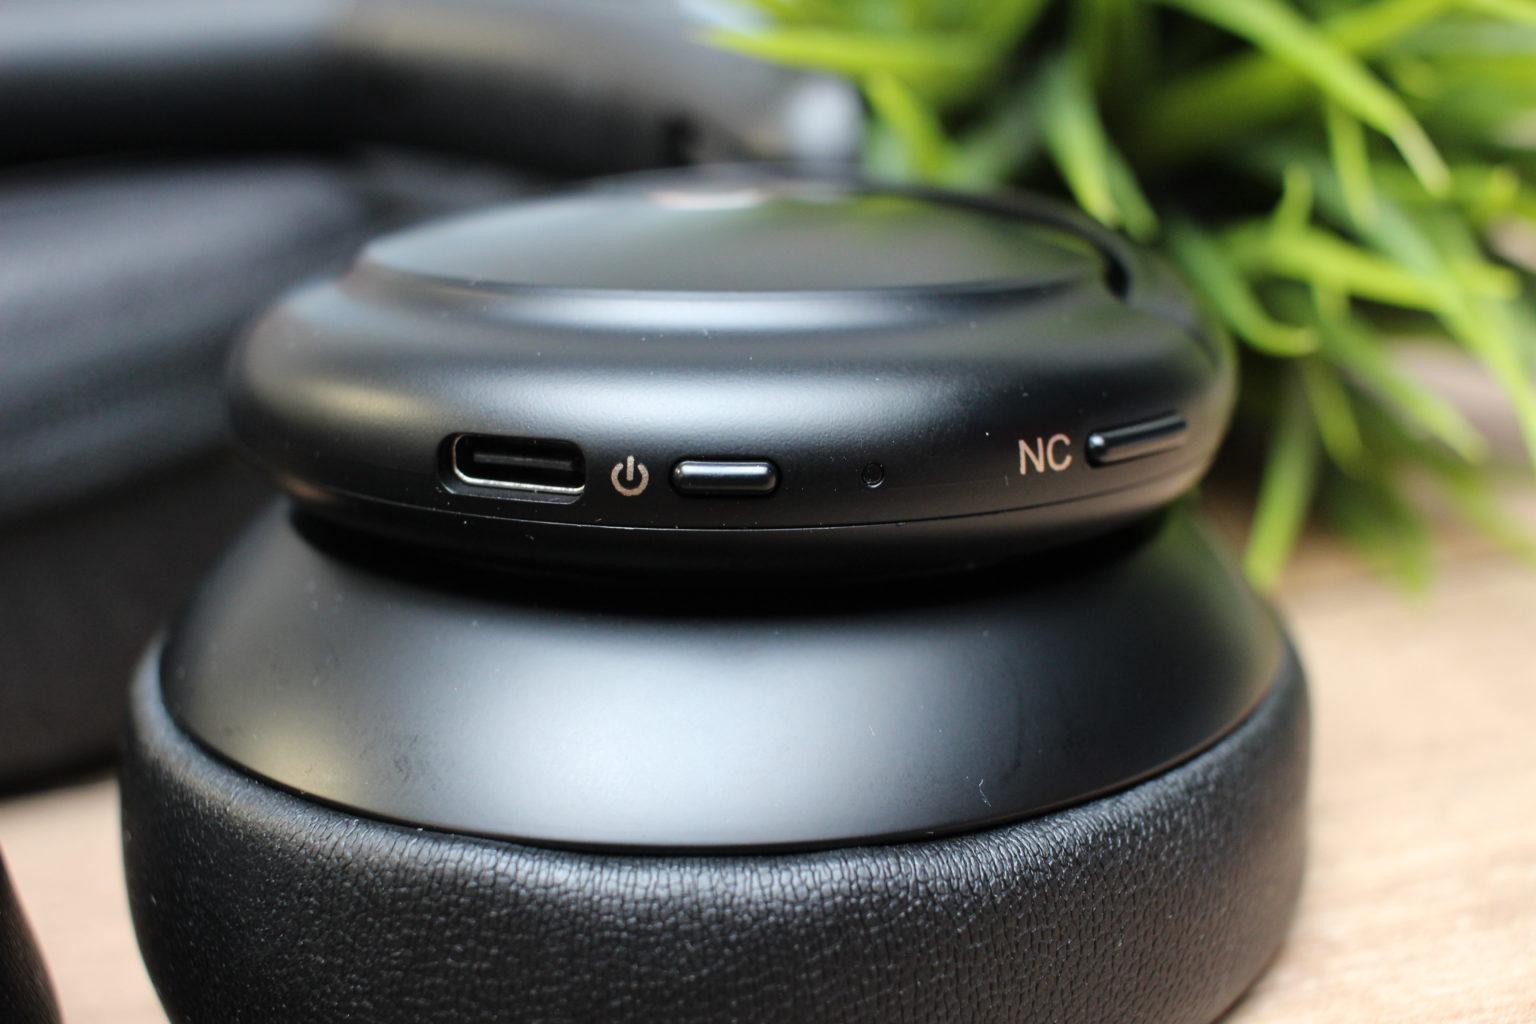 Botones y puerto USB-C en el auricular derecho de los Soundcore Life Q30